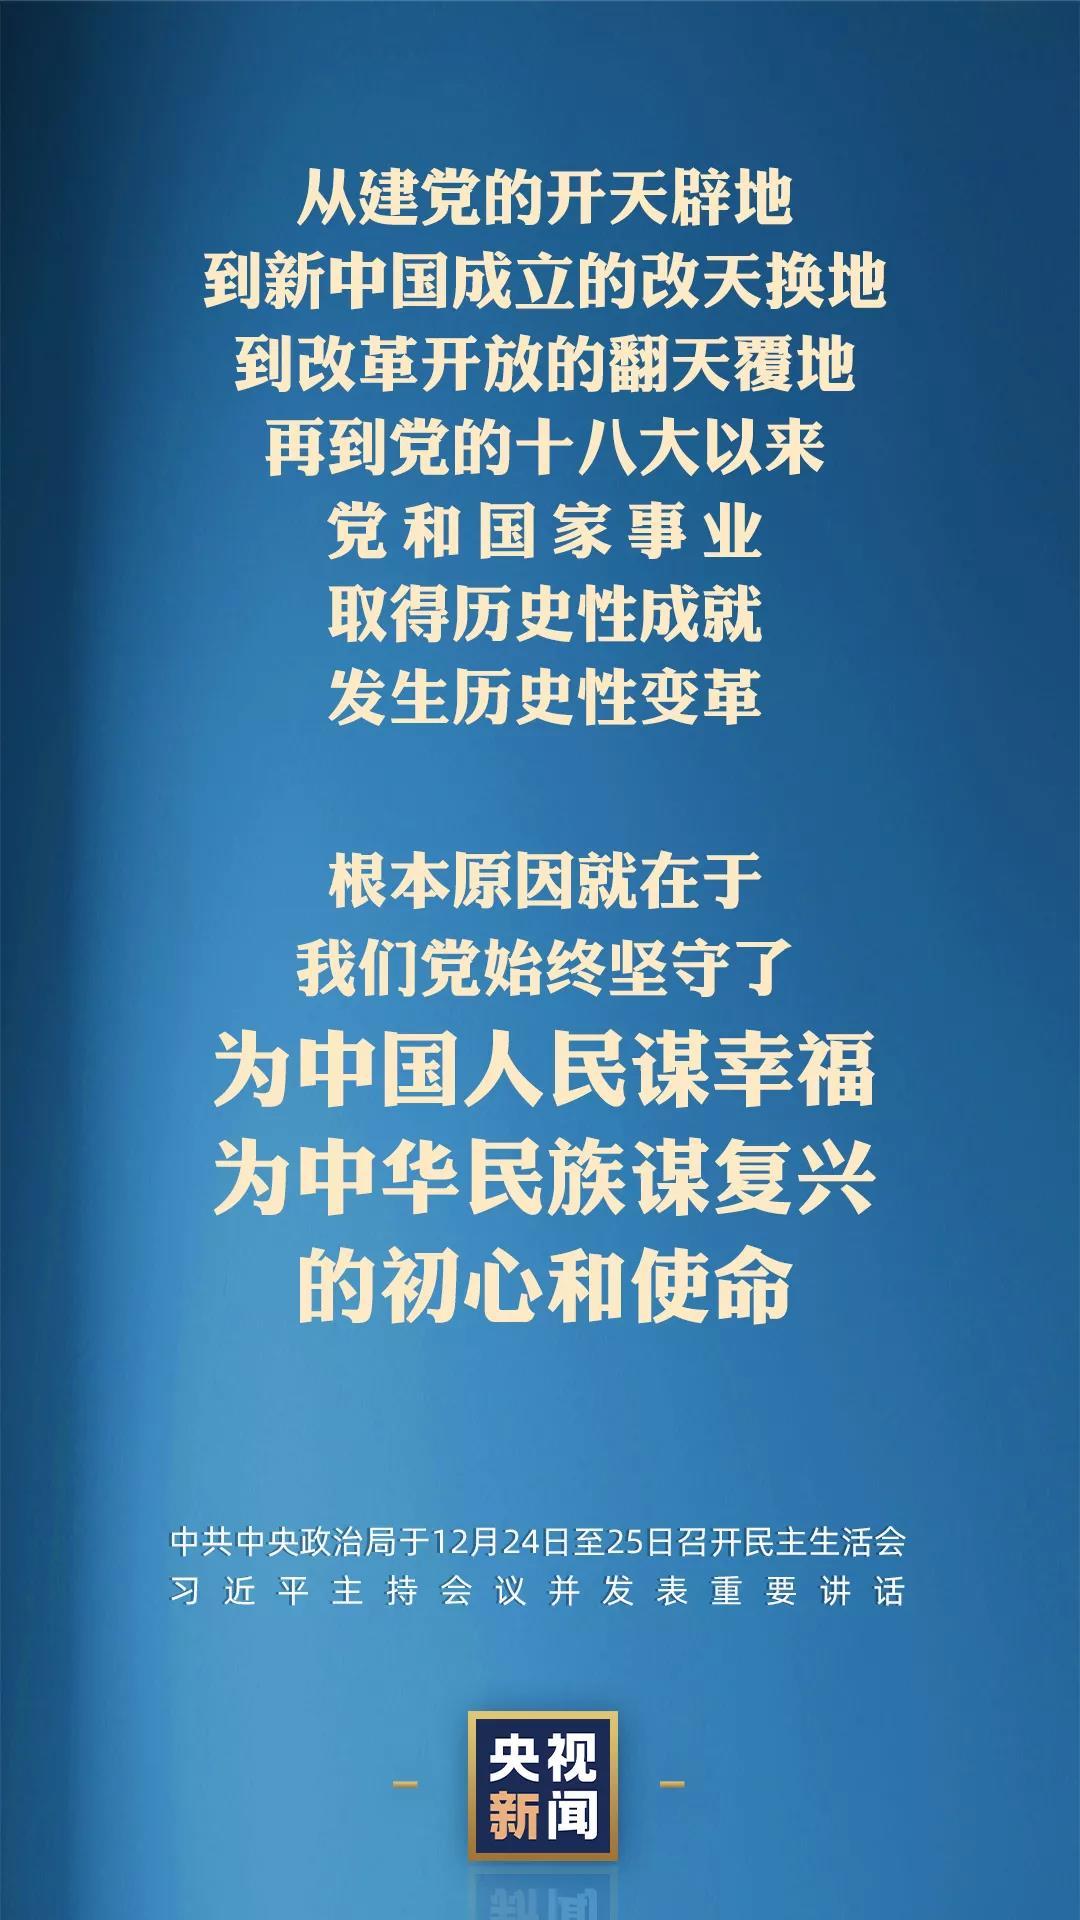 中央政治局召开民主生活会 明确2021年工作方向图片